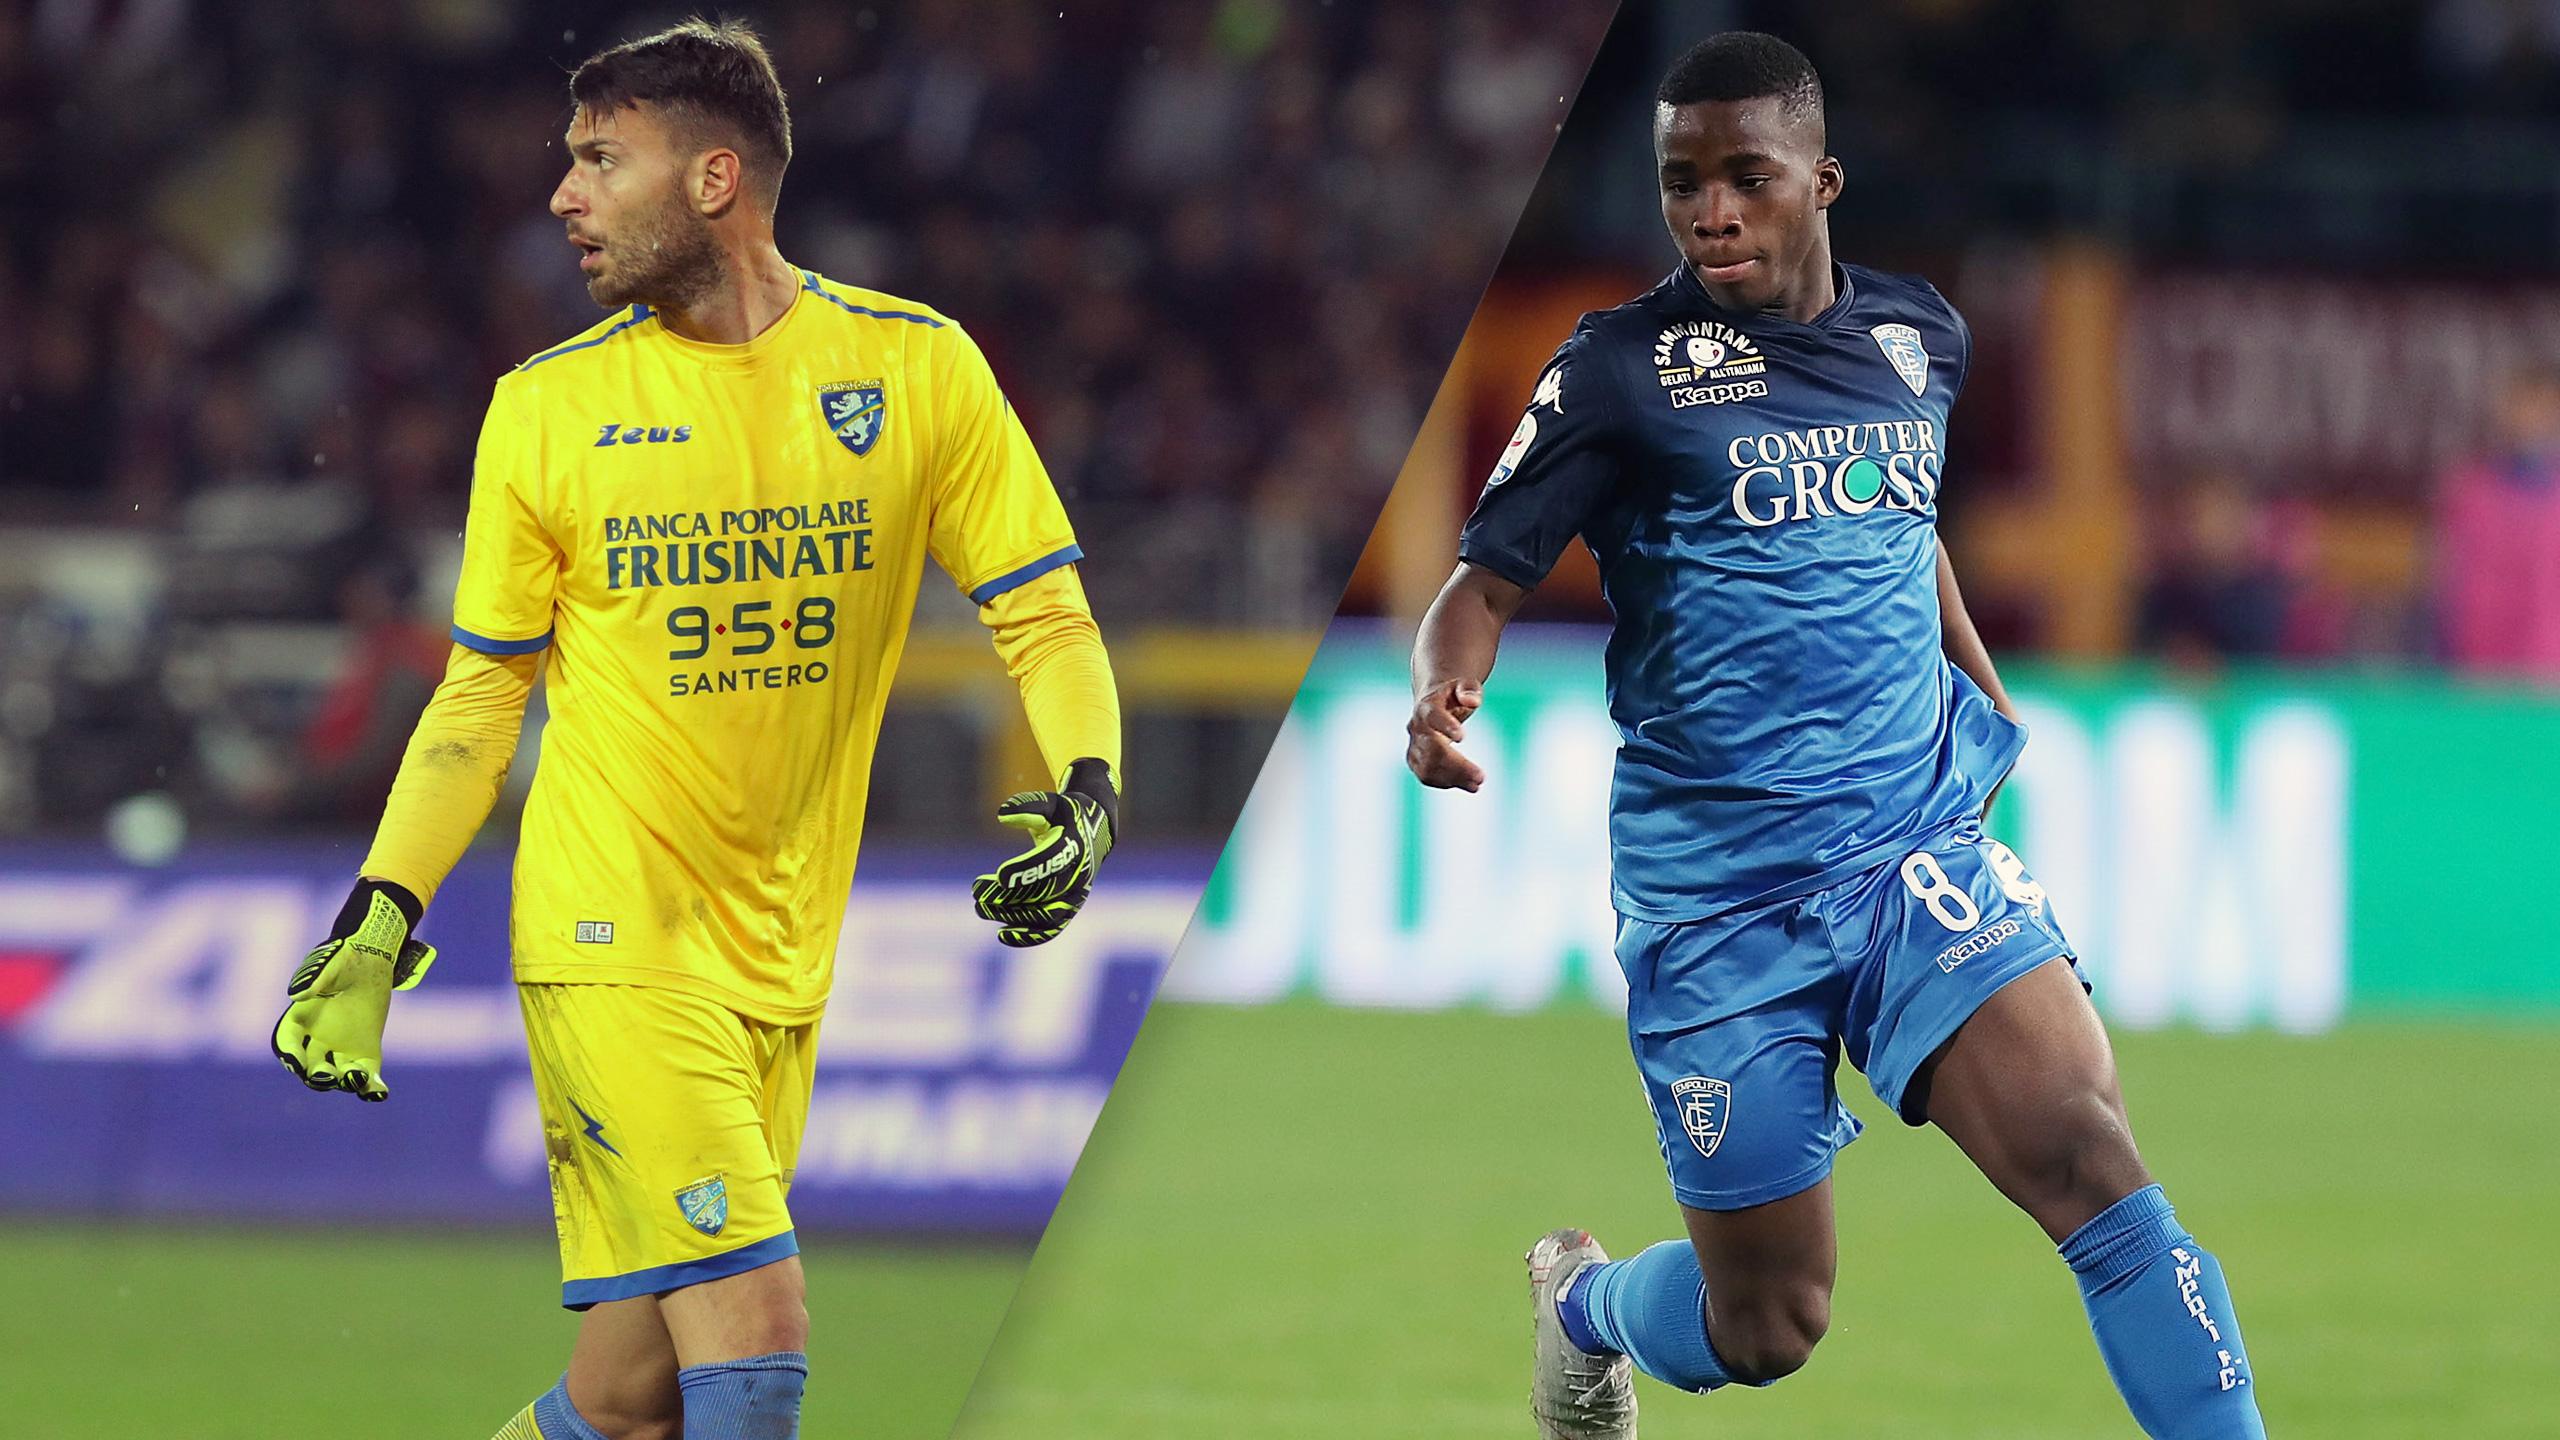 Frosinone vs. Empoli (Serie A)